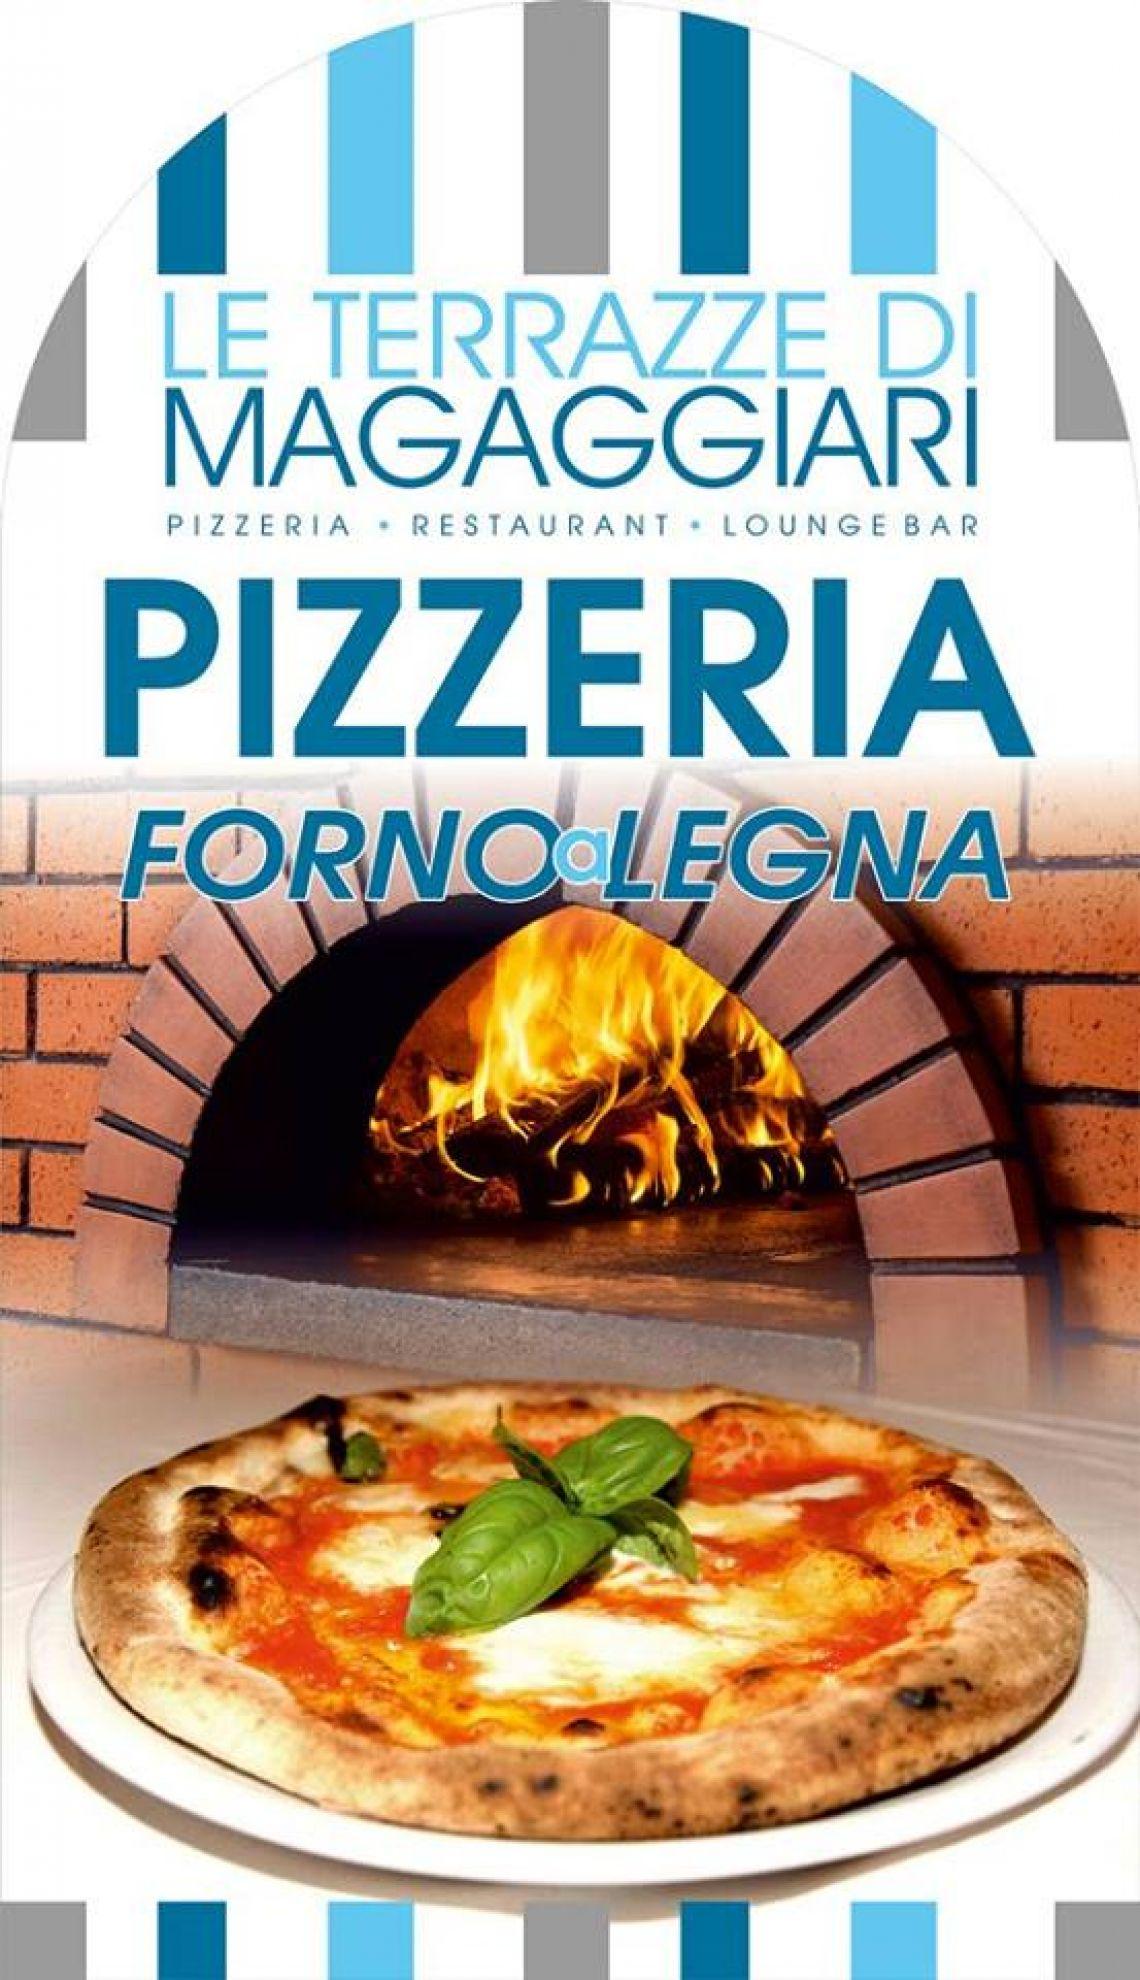 Le Terrazze di Magaggiari - Bar Pizzeria, Cinisi